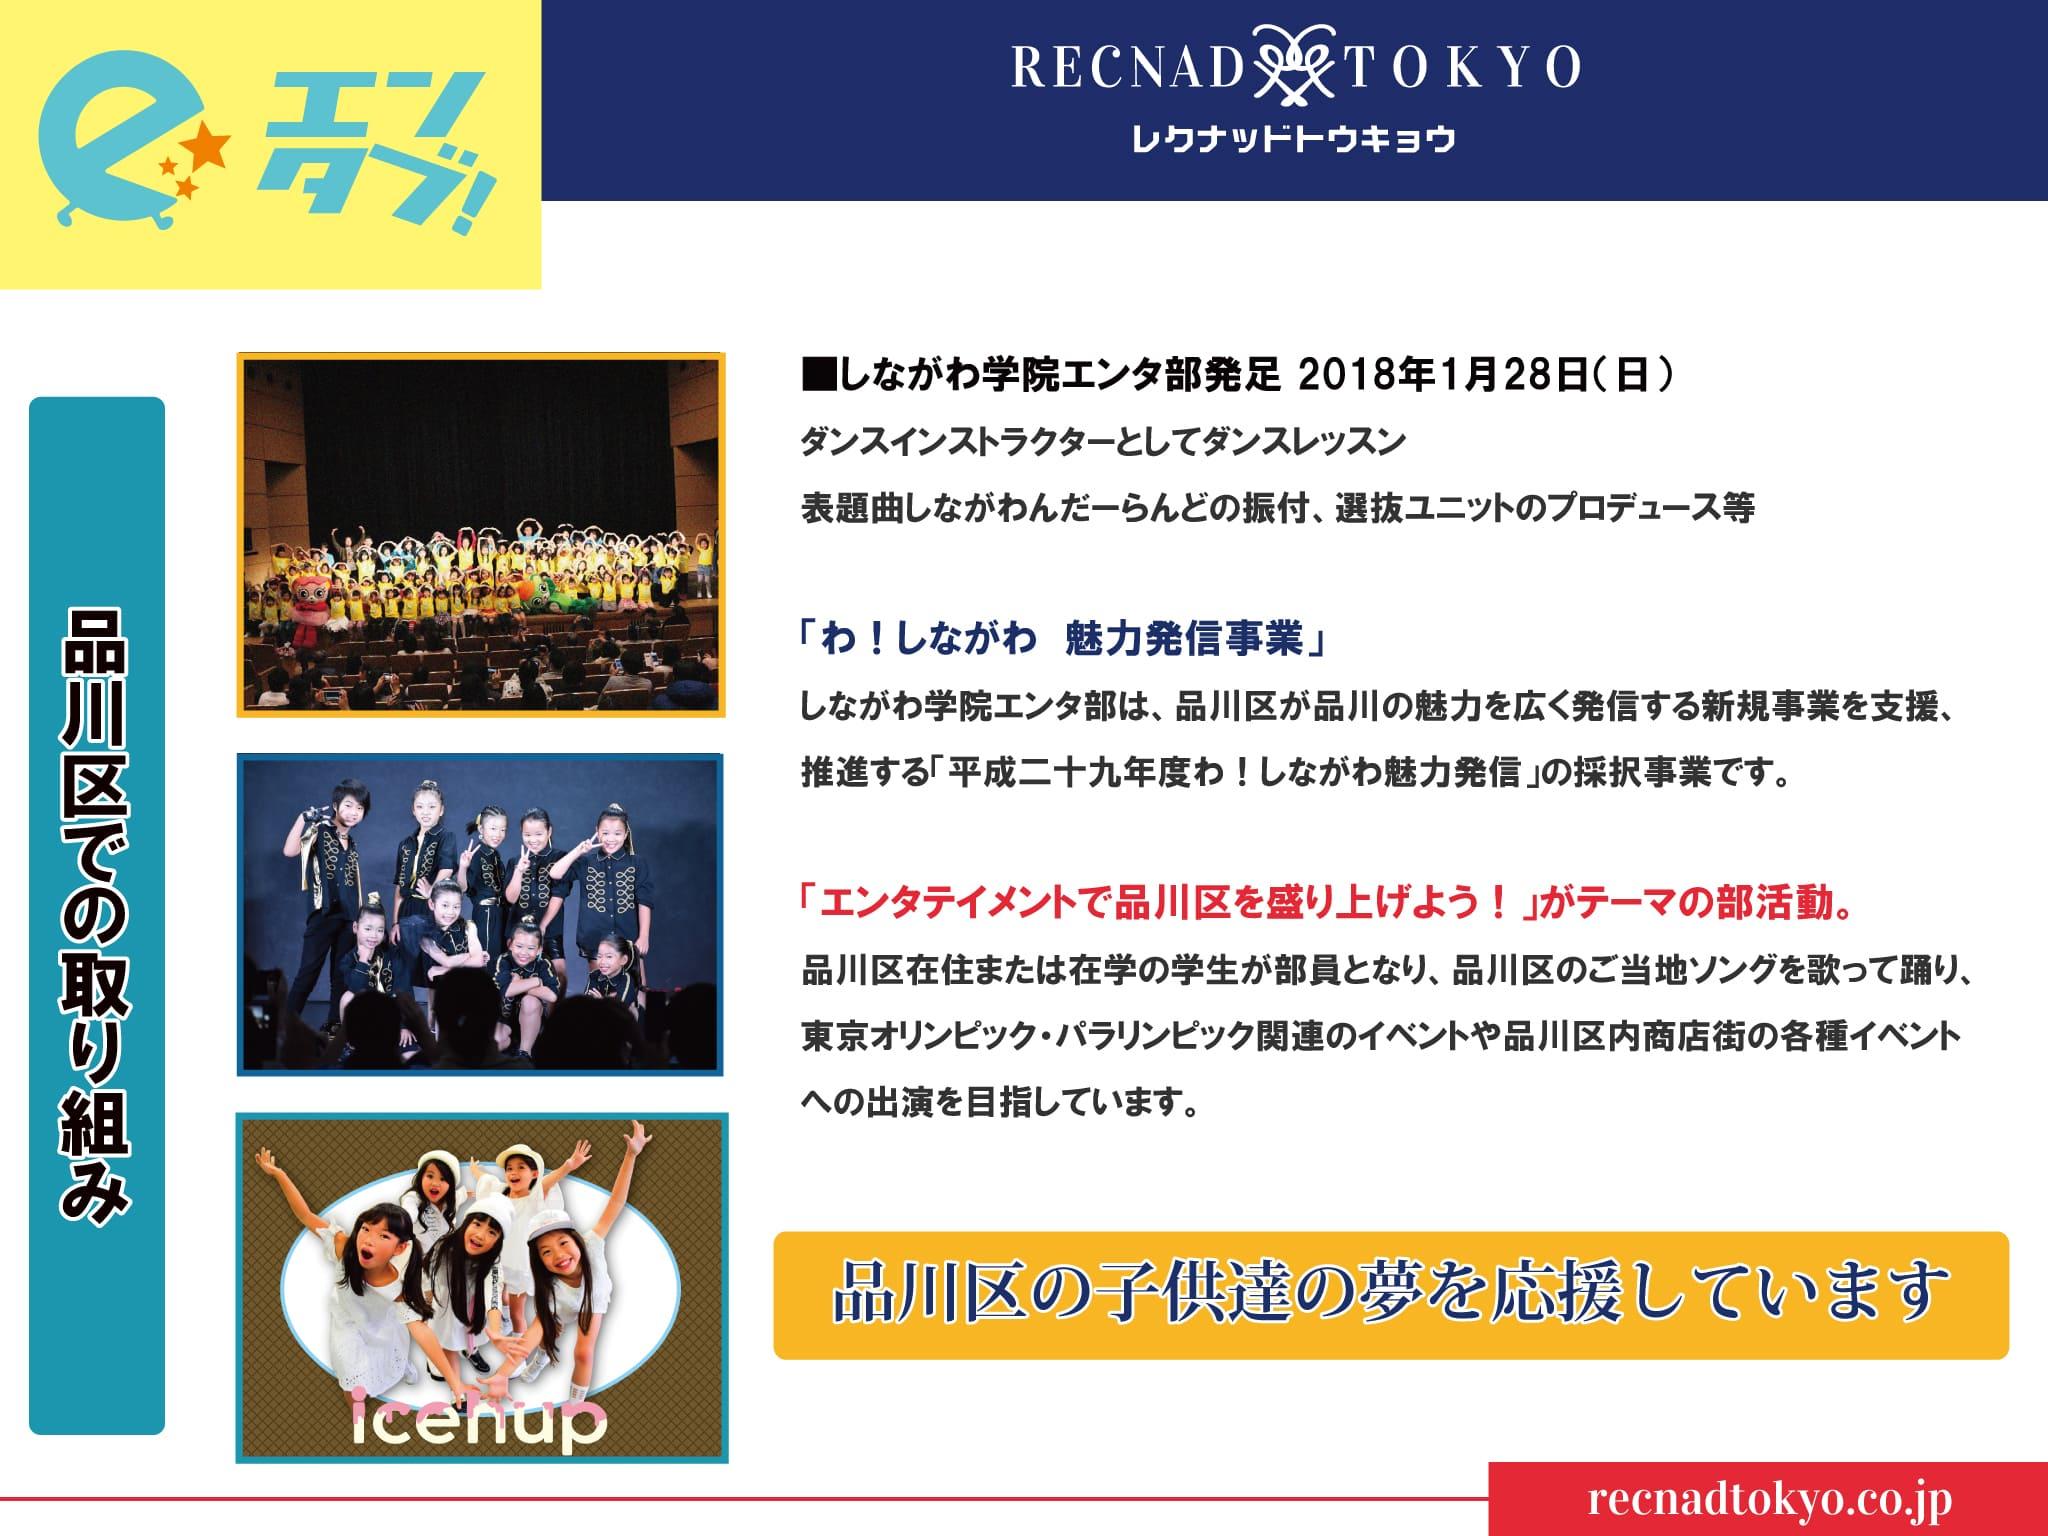 品川区 でのRECNAD TOKYOの活動 ダンス で街を盛り上げる わしながわ | RECNAD TOKYO entabu